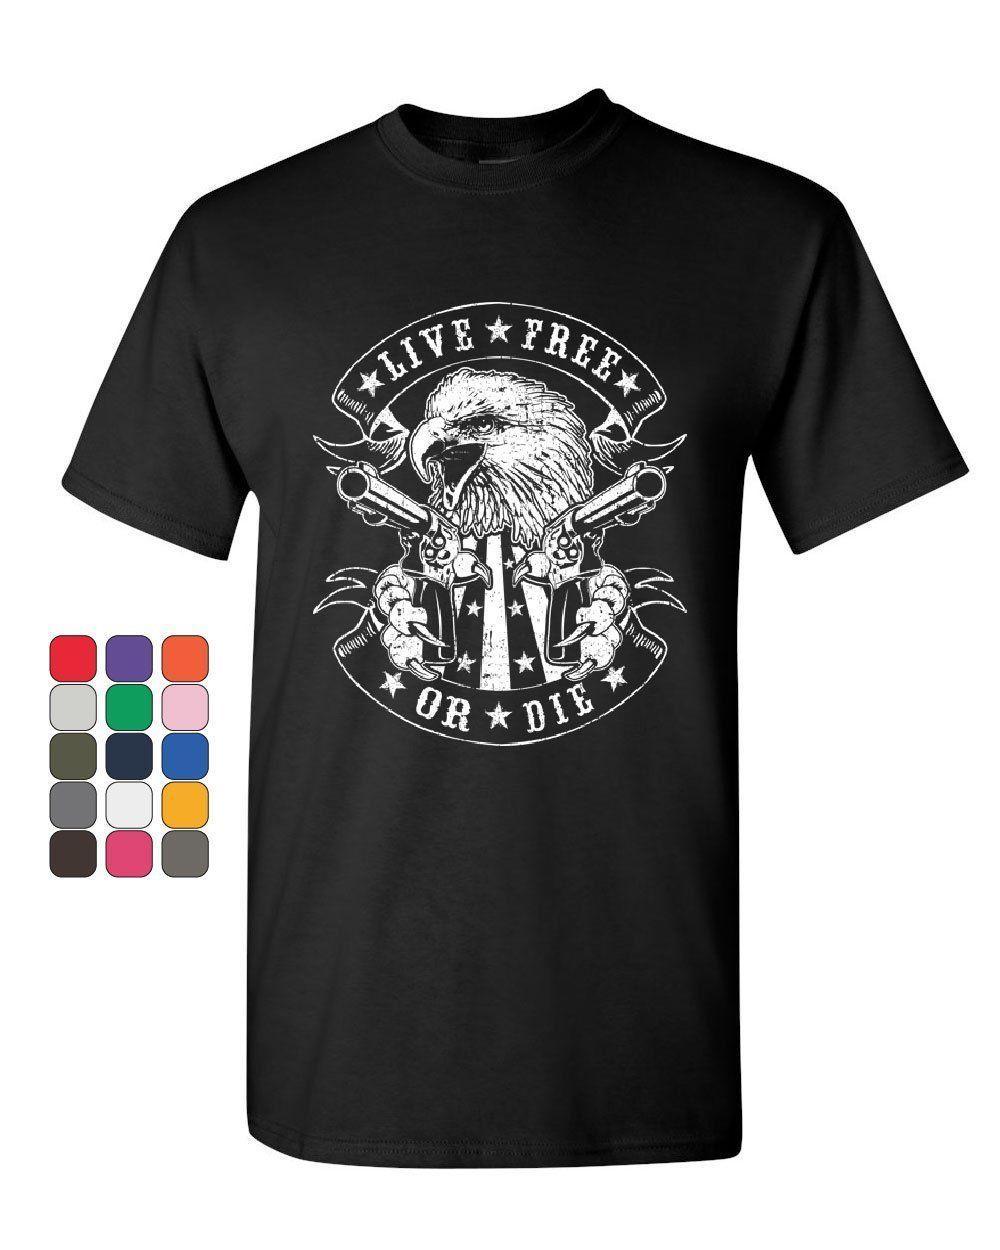 Жить бесплатно или умереть футболка Орел байкер 2 поправка американский флаг мужская футболка